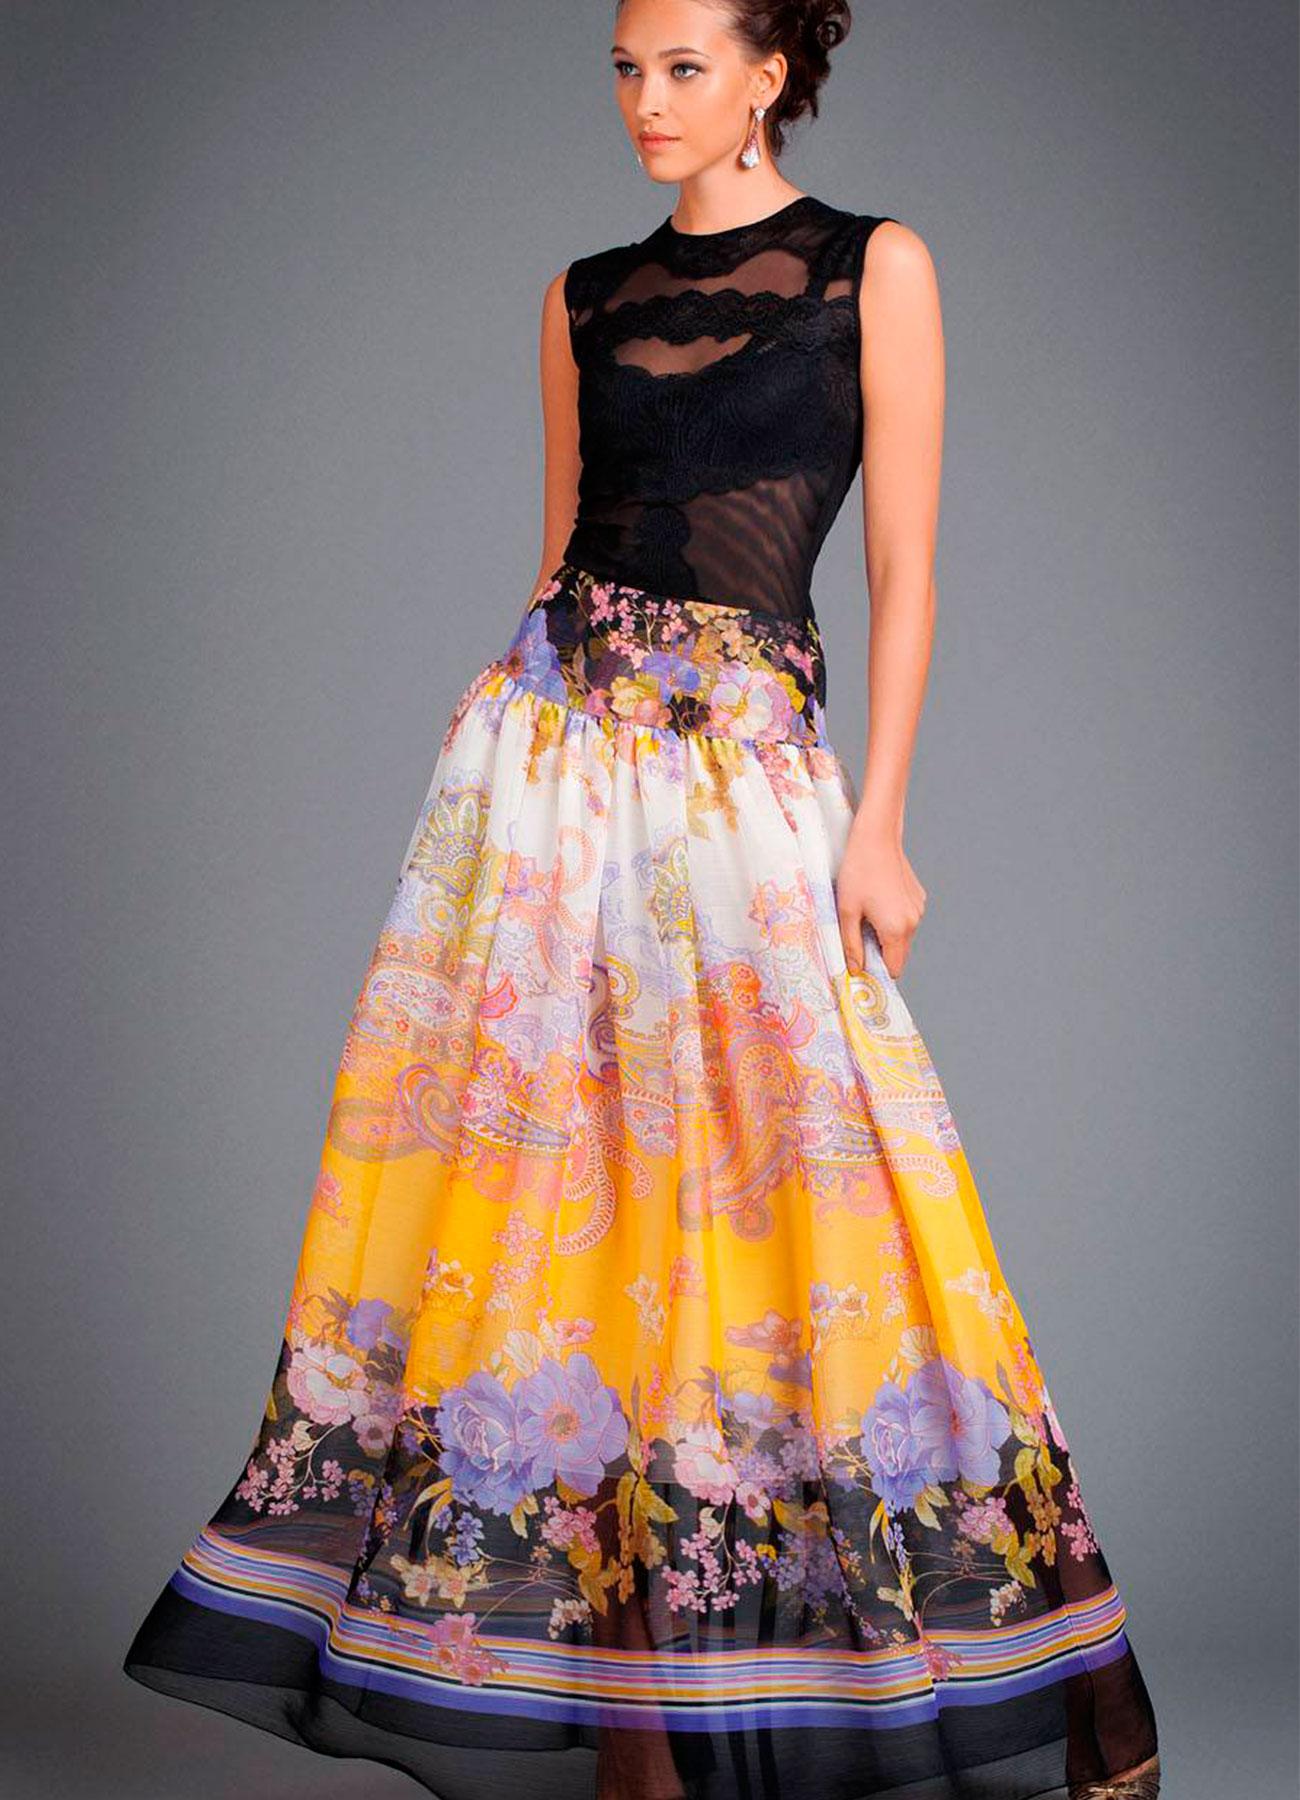 длинная юбка фото выкройка